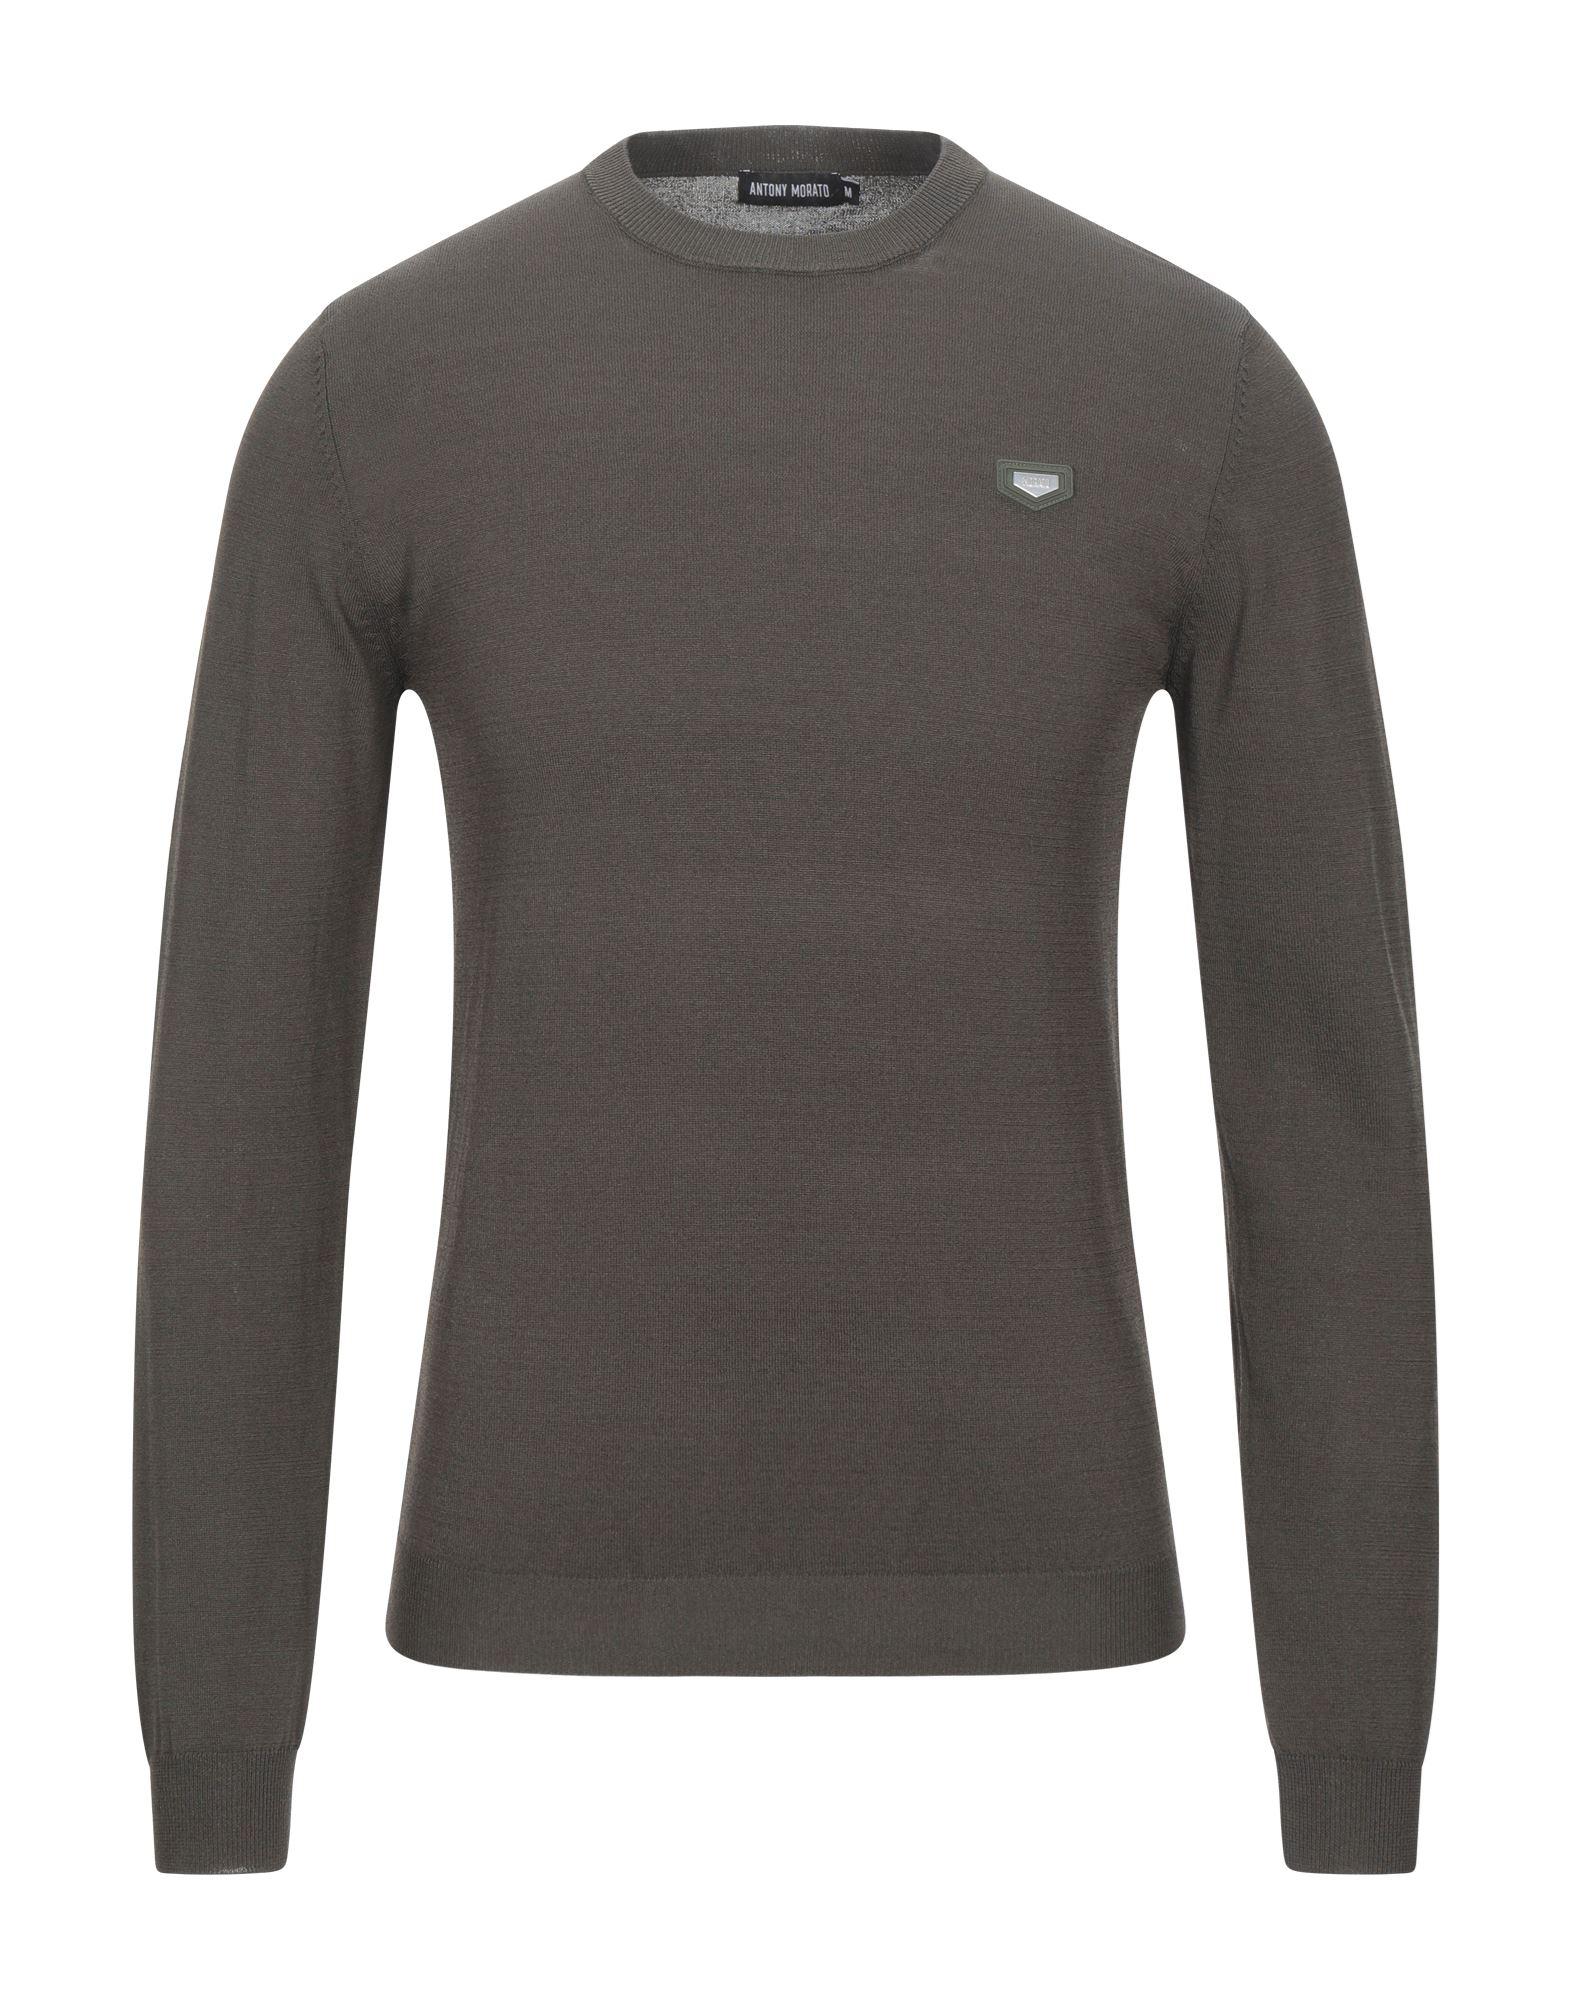 ANTONY MORATO Sweaters - Item 14107967